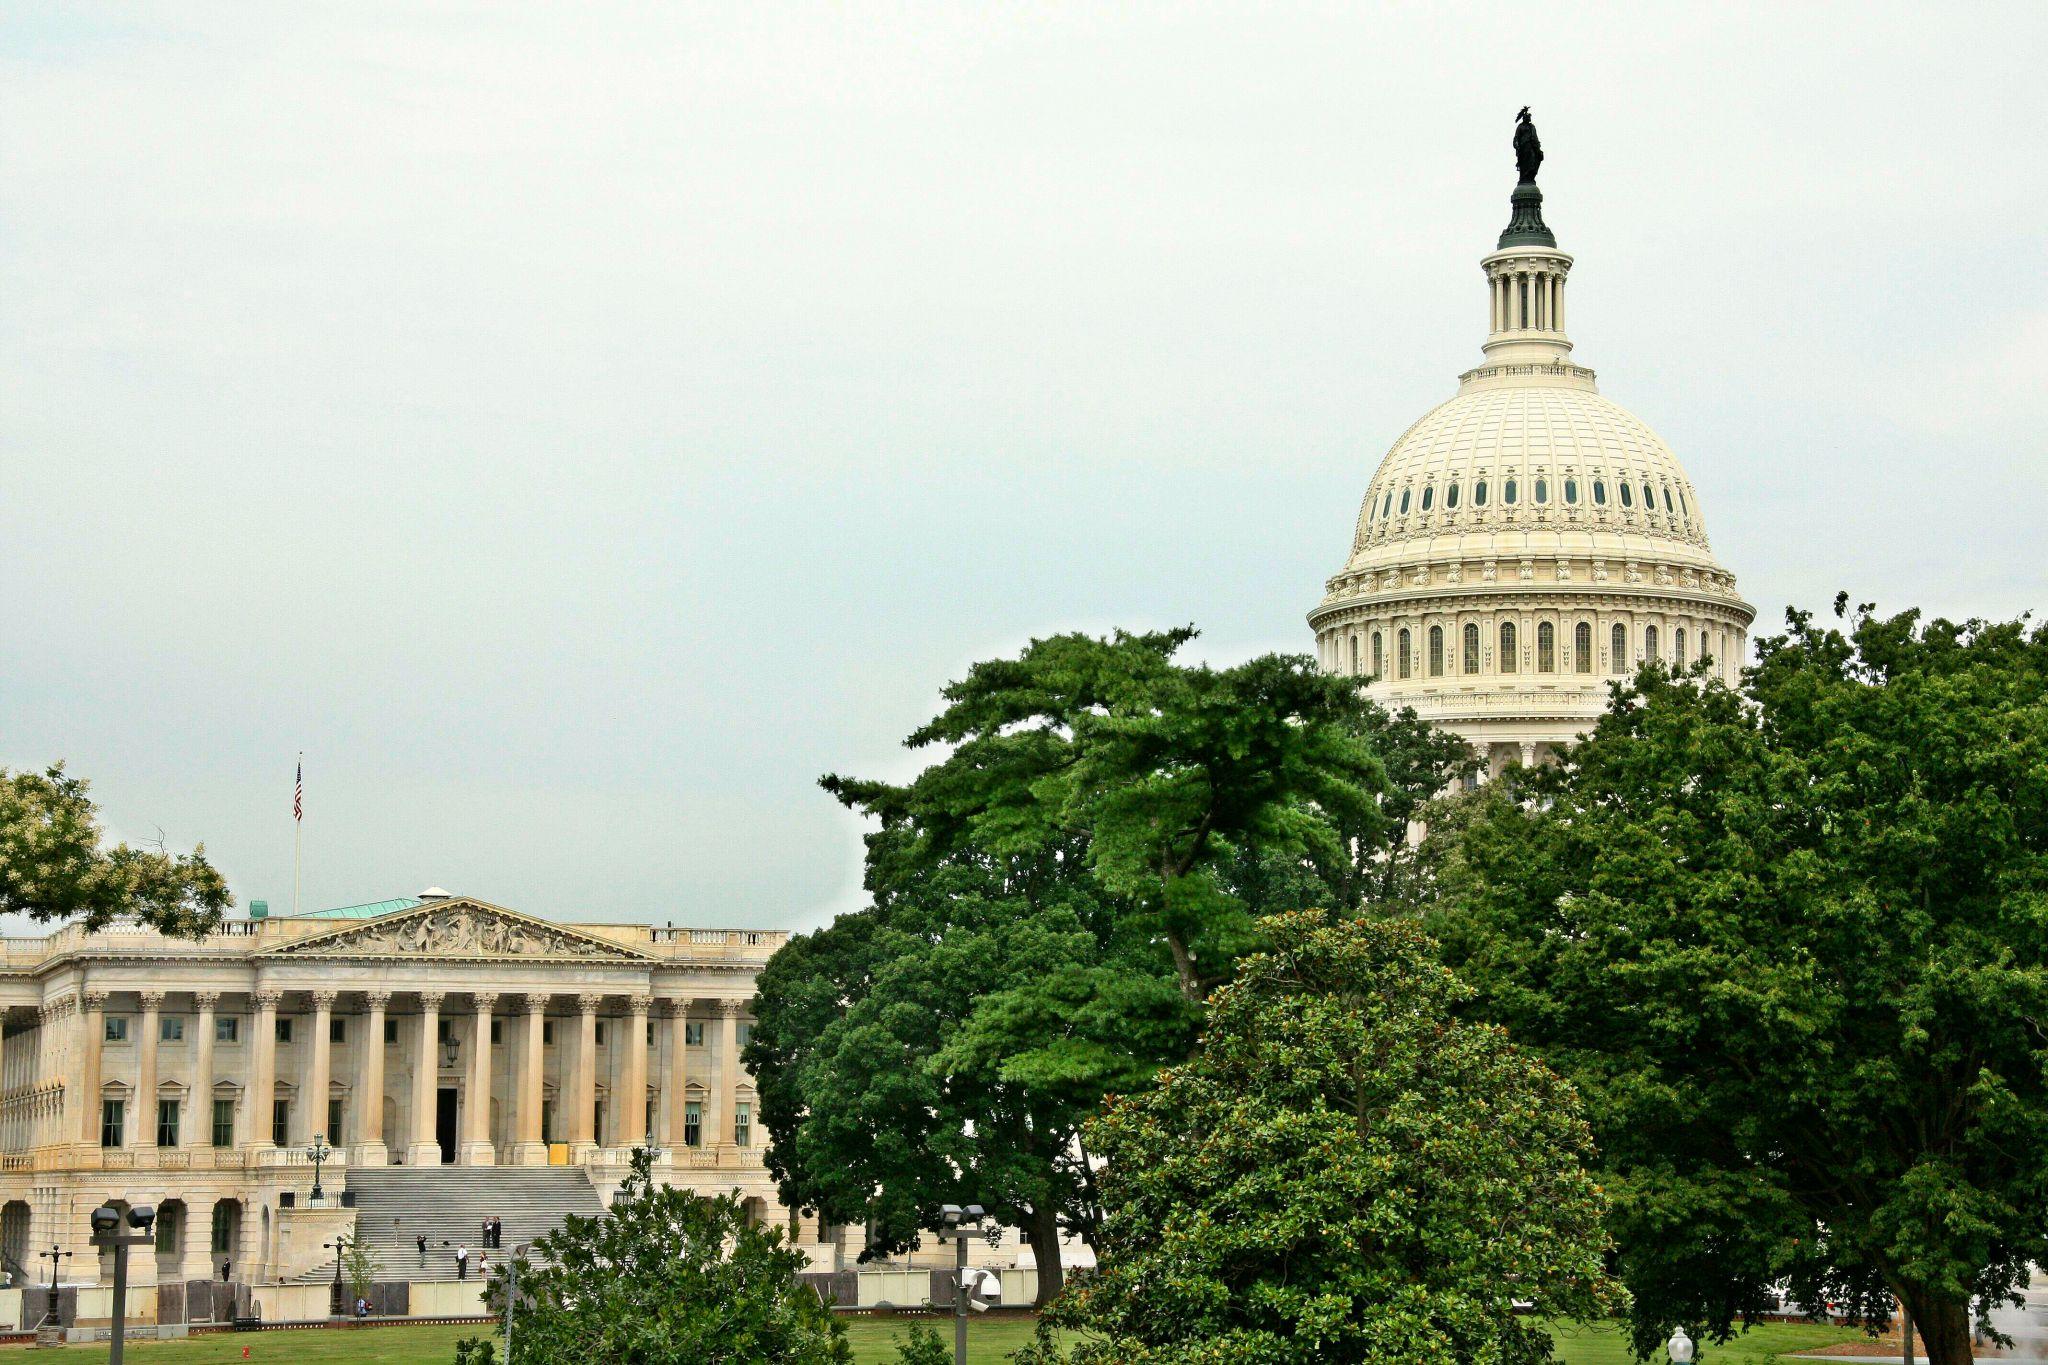 United States Capitol, Washington, DC, USA